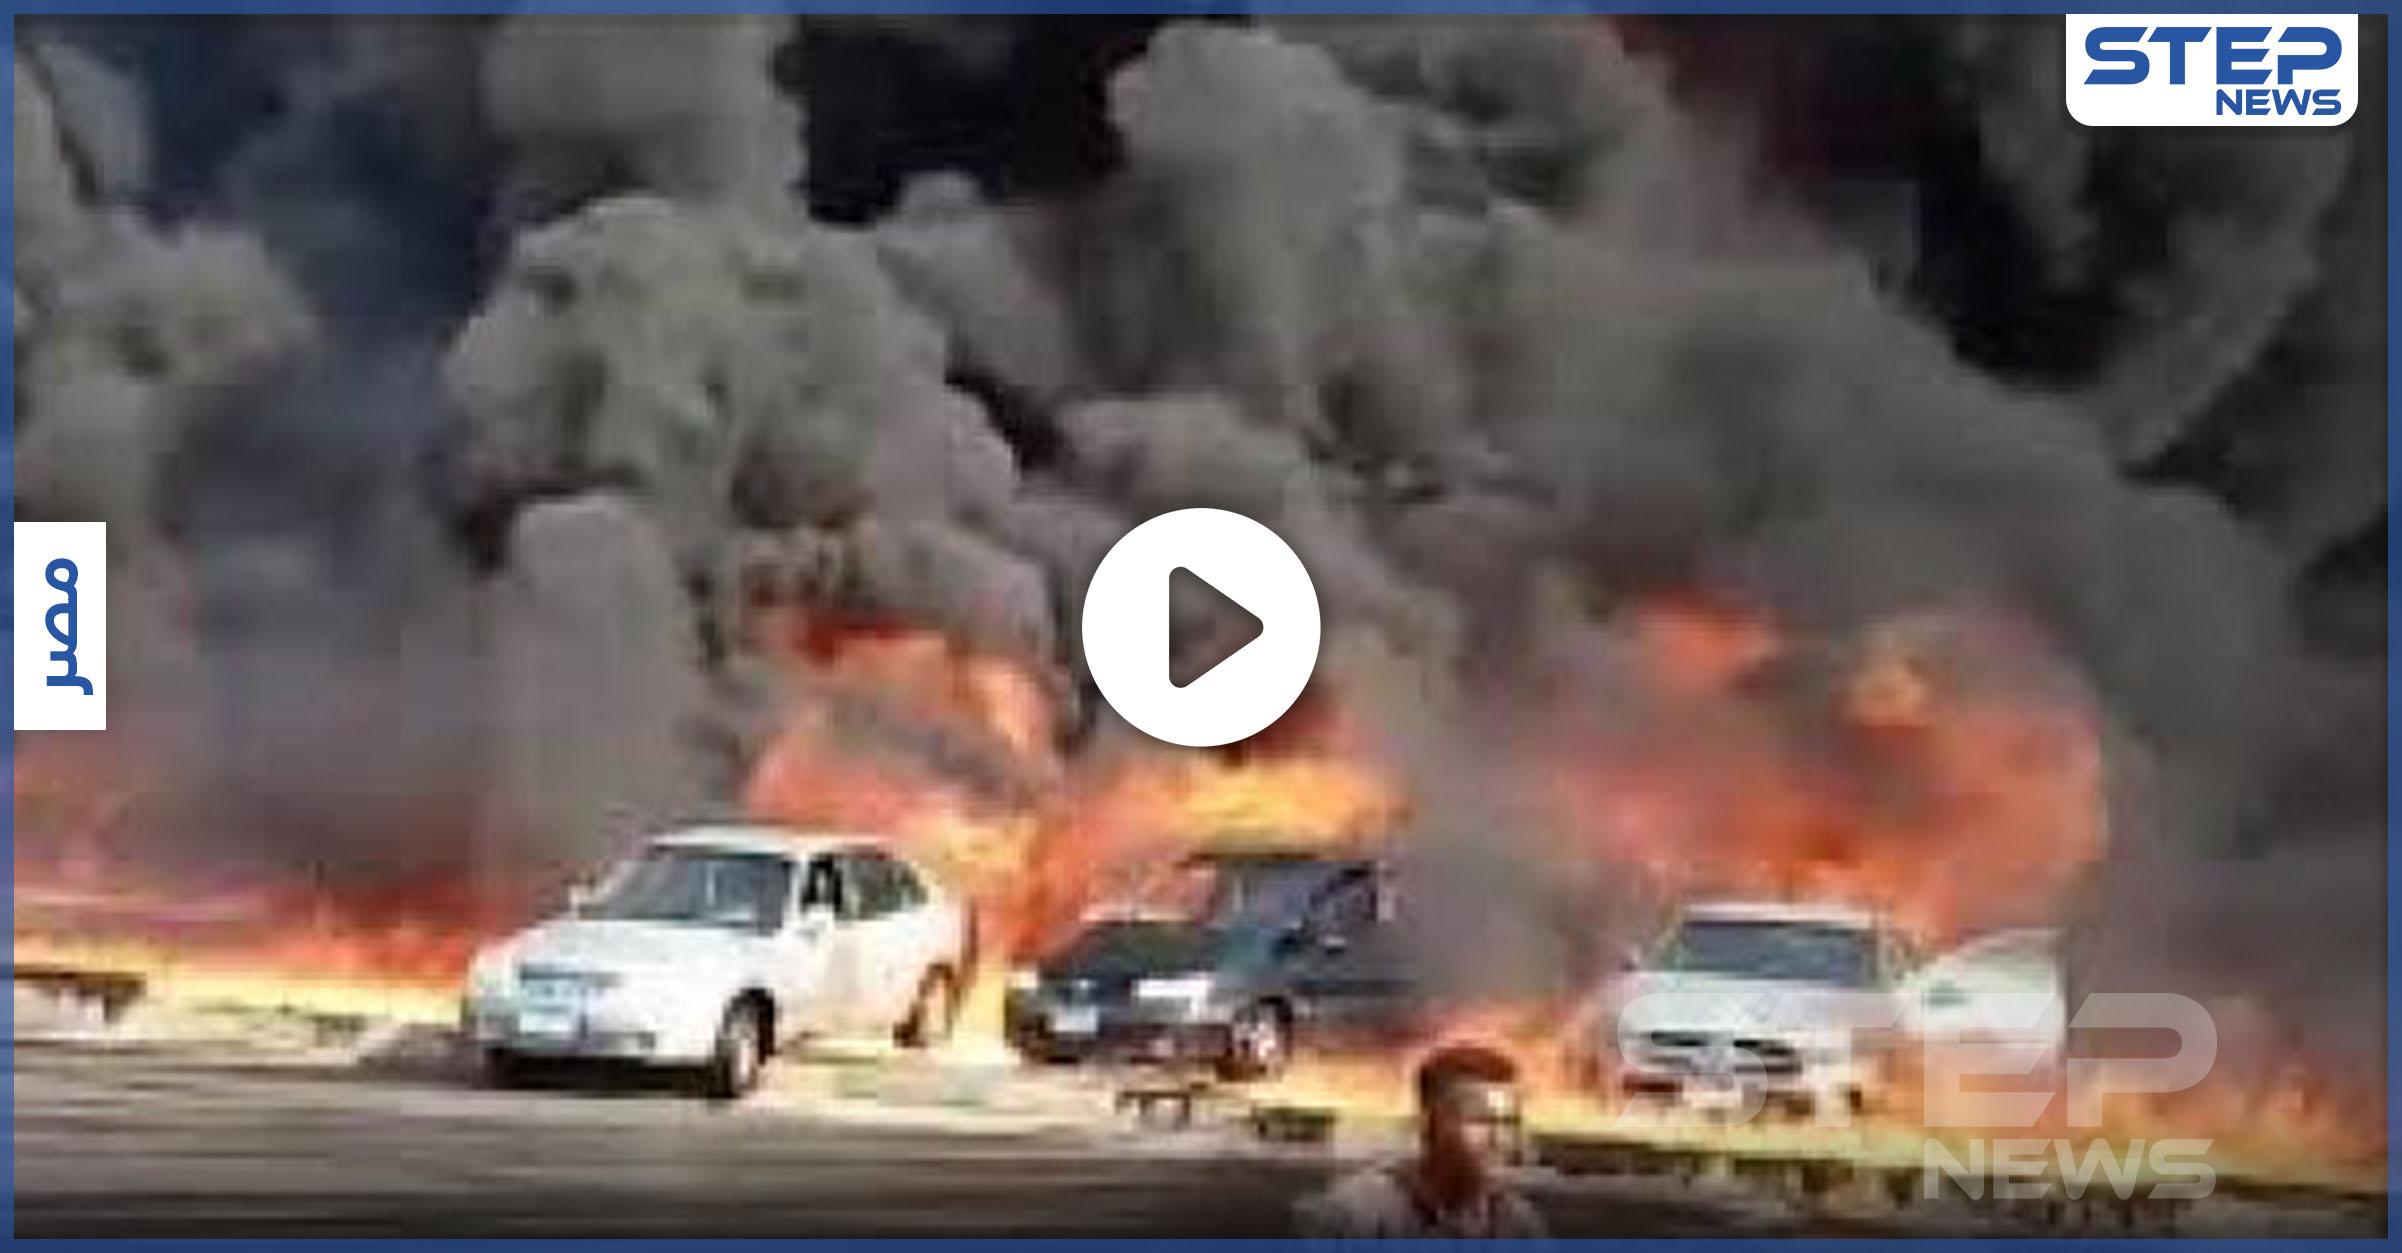 حريق ضخم يلتهم عشرات السيارات على طريق الإسماعيلية بمصر